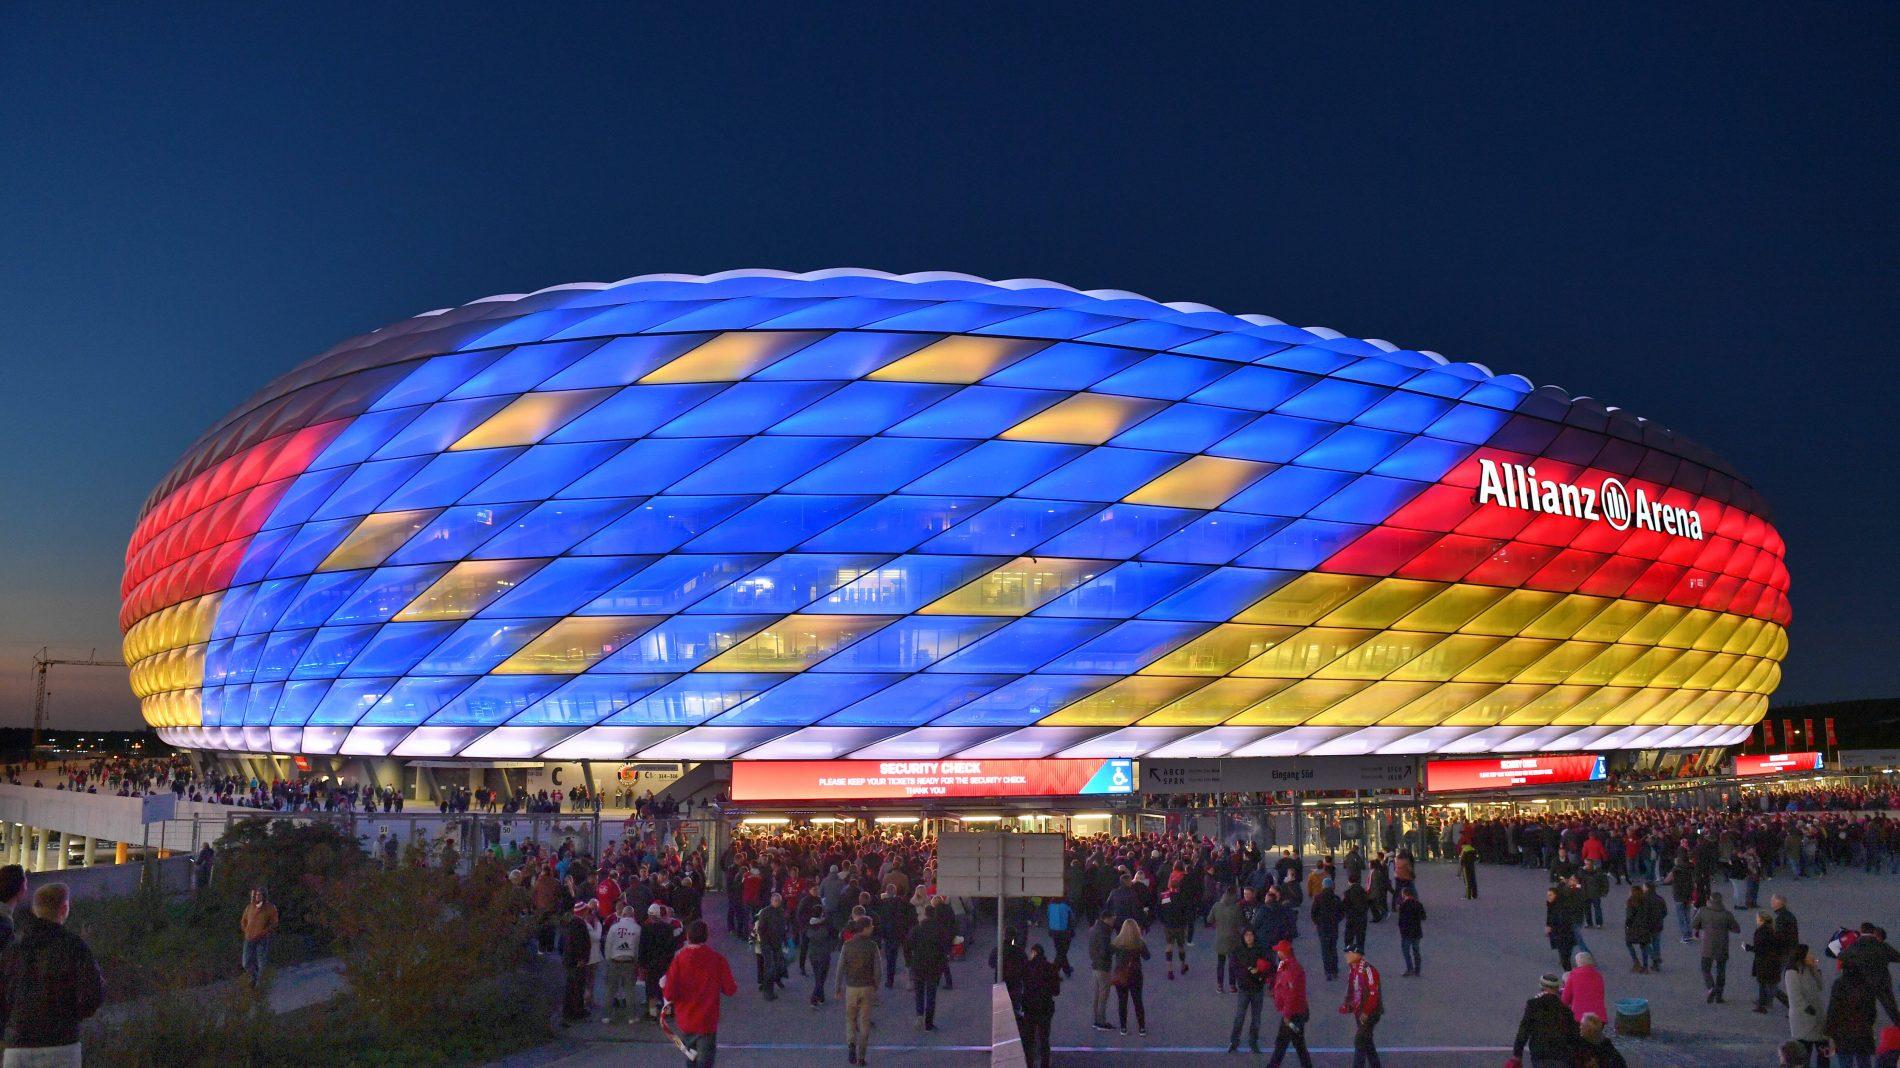 安联球场将承办欧洲杯德国队的小组赛,原定1/4决赛或取消